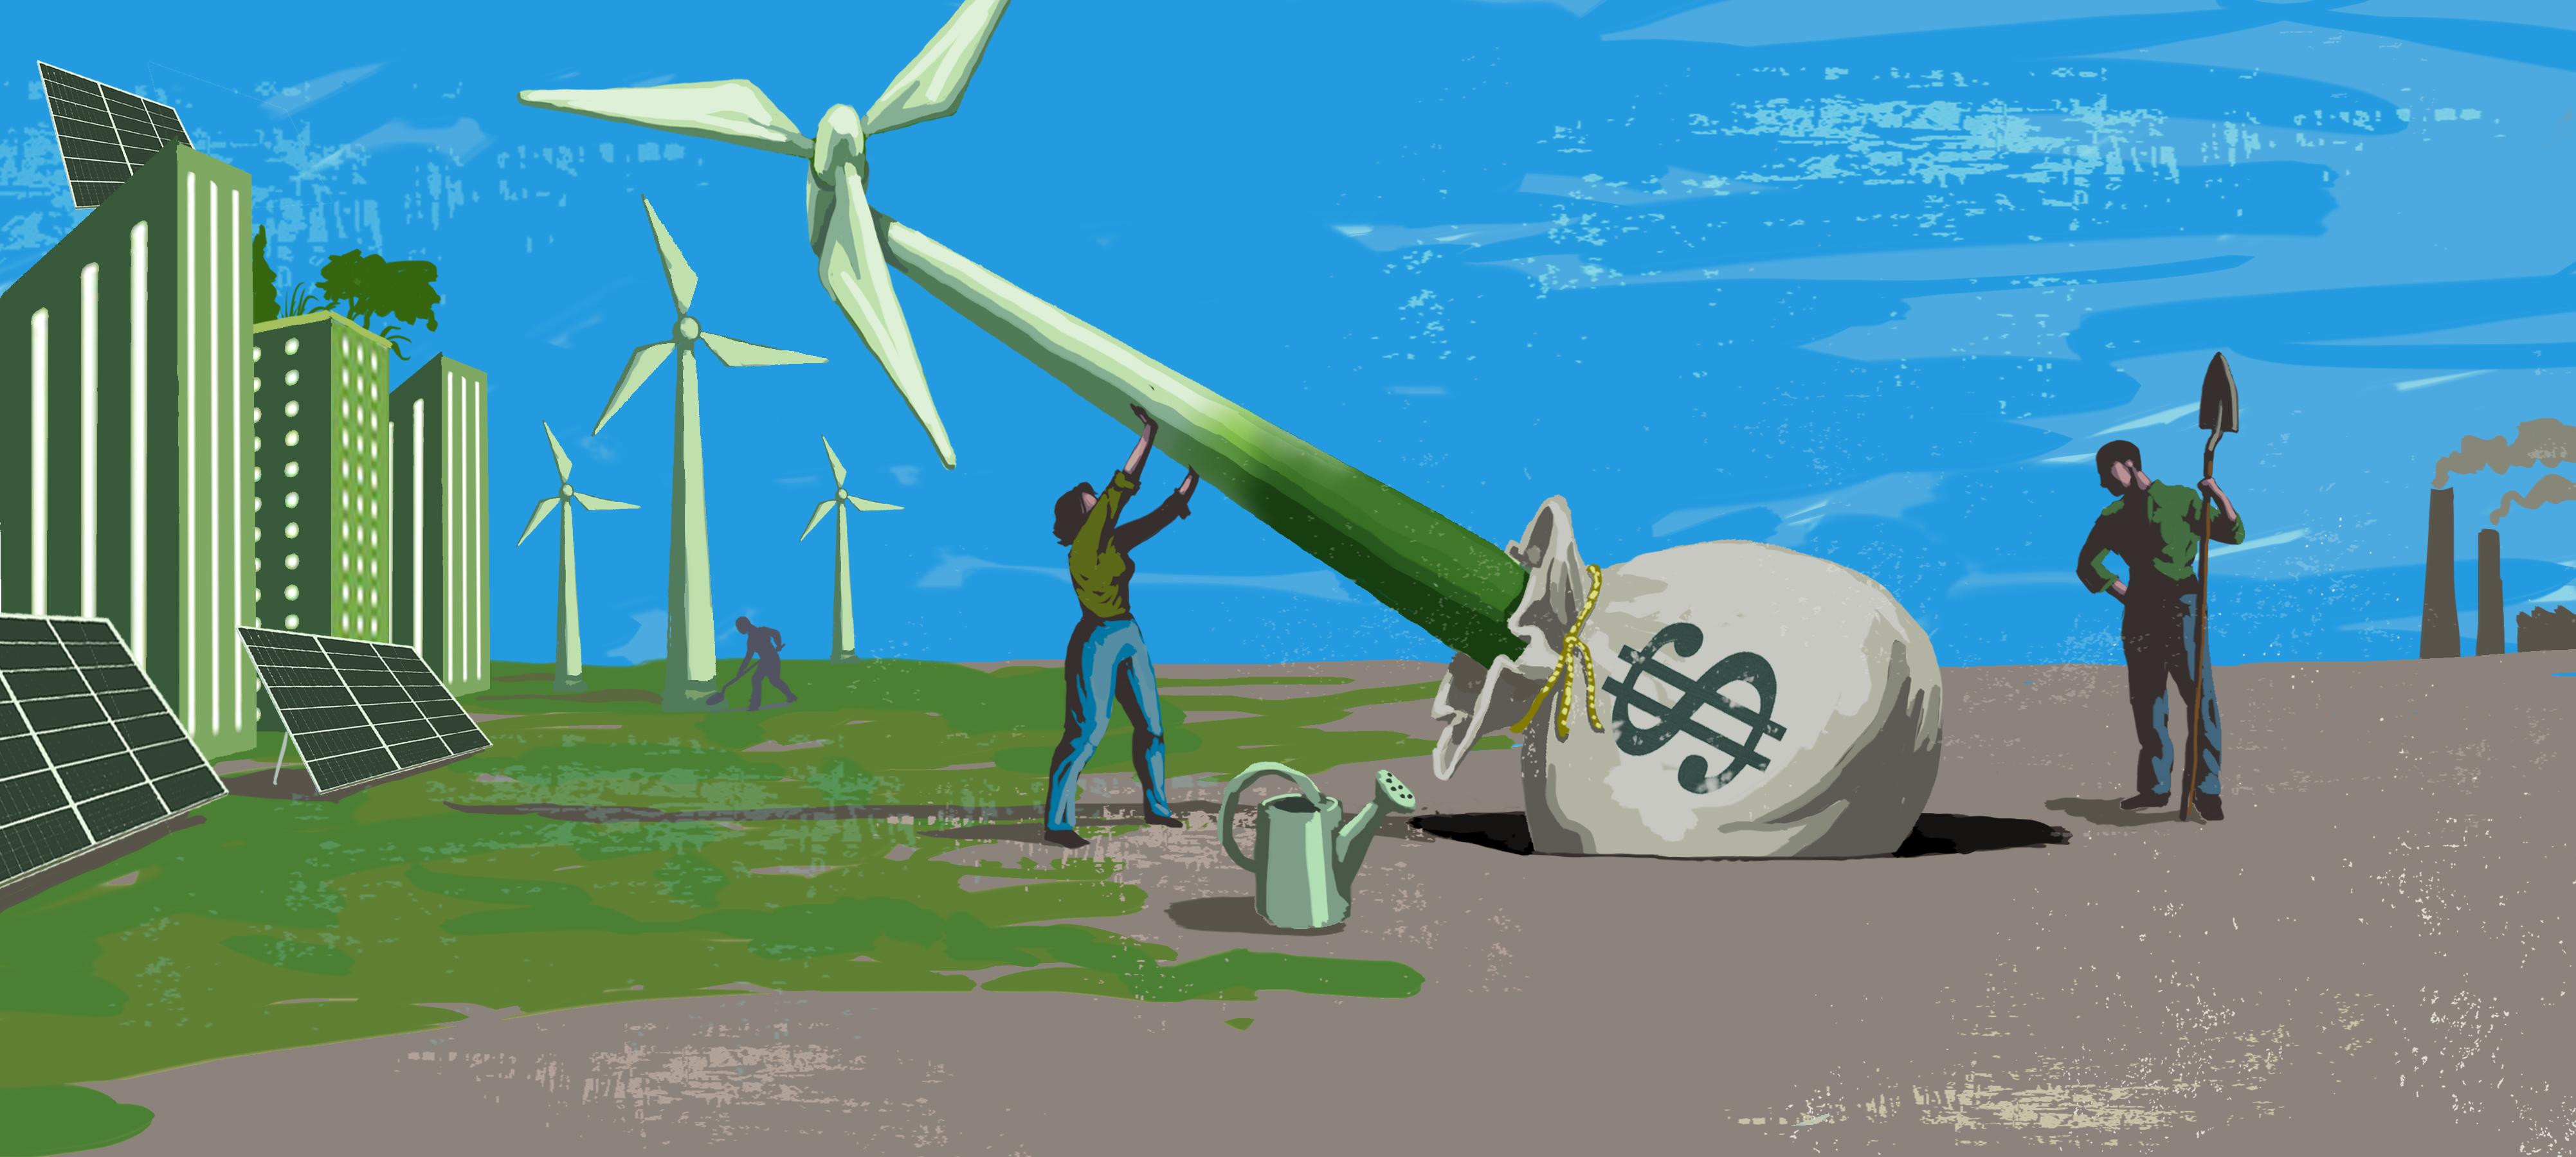 https://www.ekaenlinea.com/wp-content/uploads/2018/03/green_bonds_art.jpg